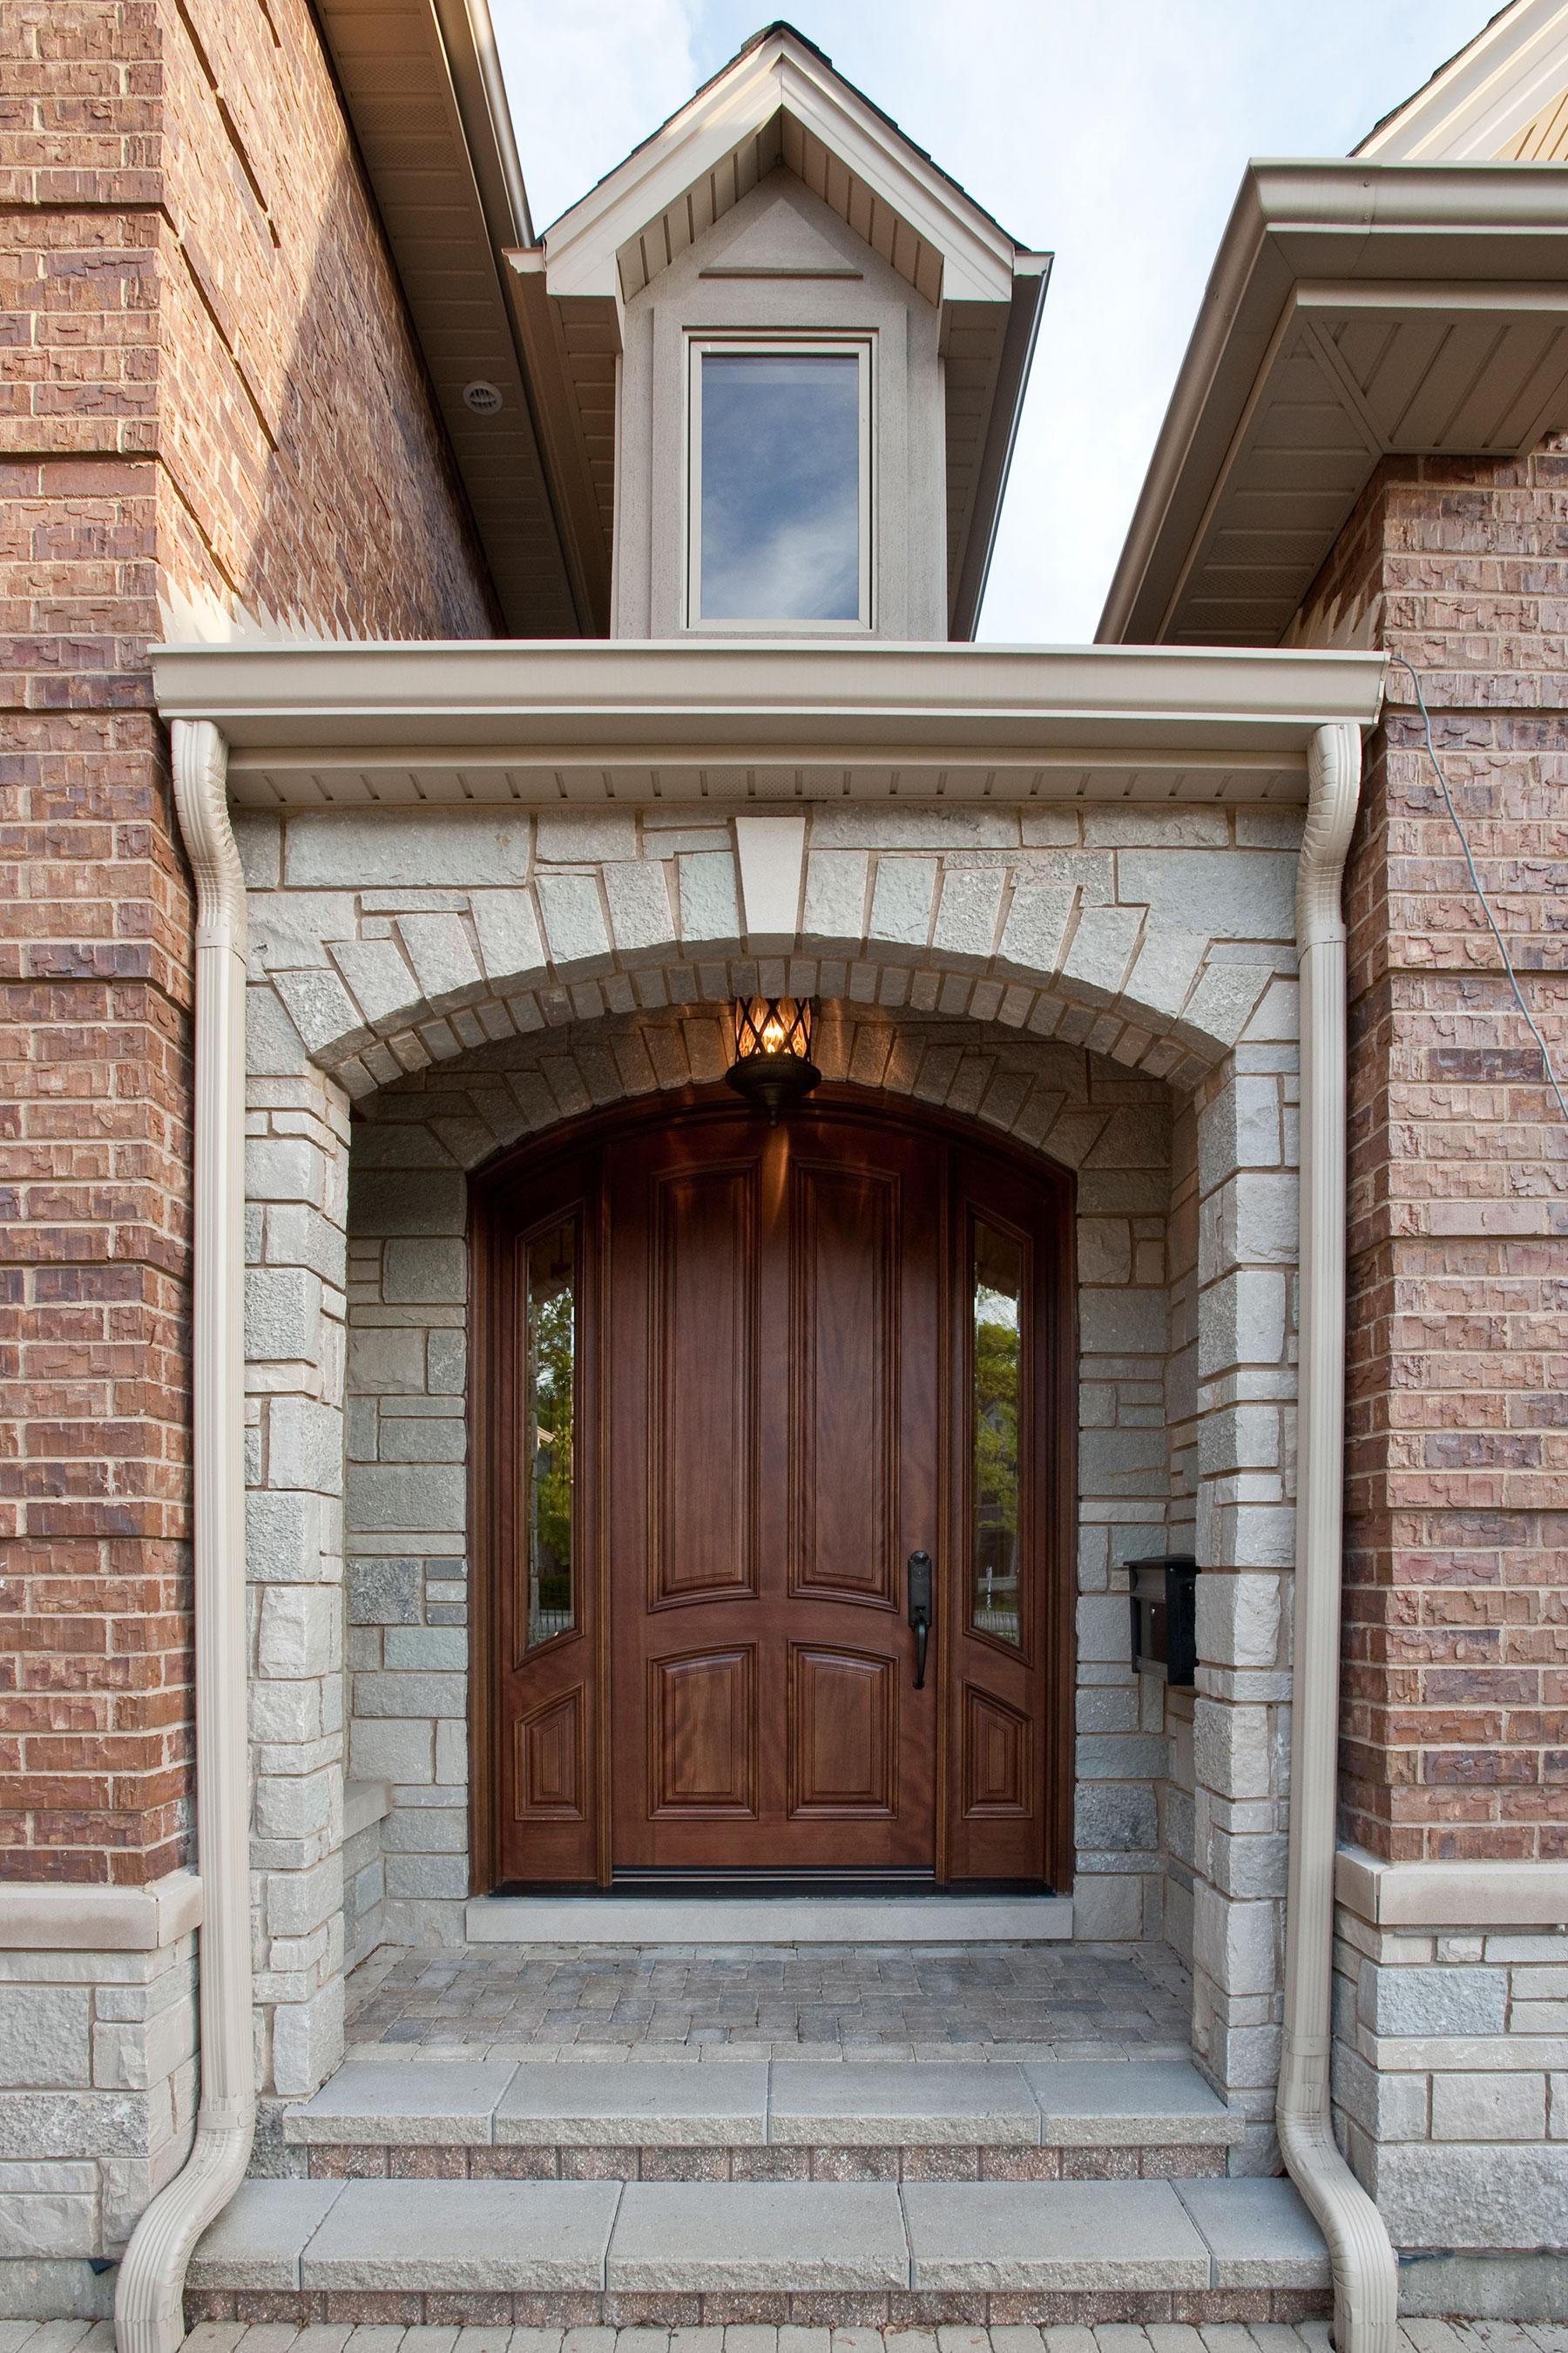 Wood Front Entry Doors in-Stock   4 Panel Solid Mahogany Wood Door with sidelites  DB-552W 2SL - Glenview Doors - Custom Doors in Chicago